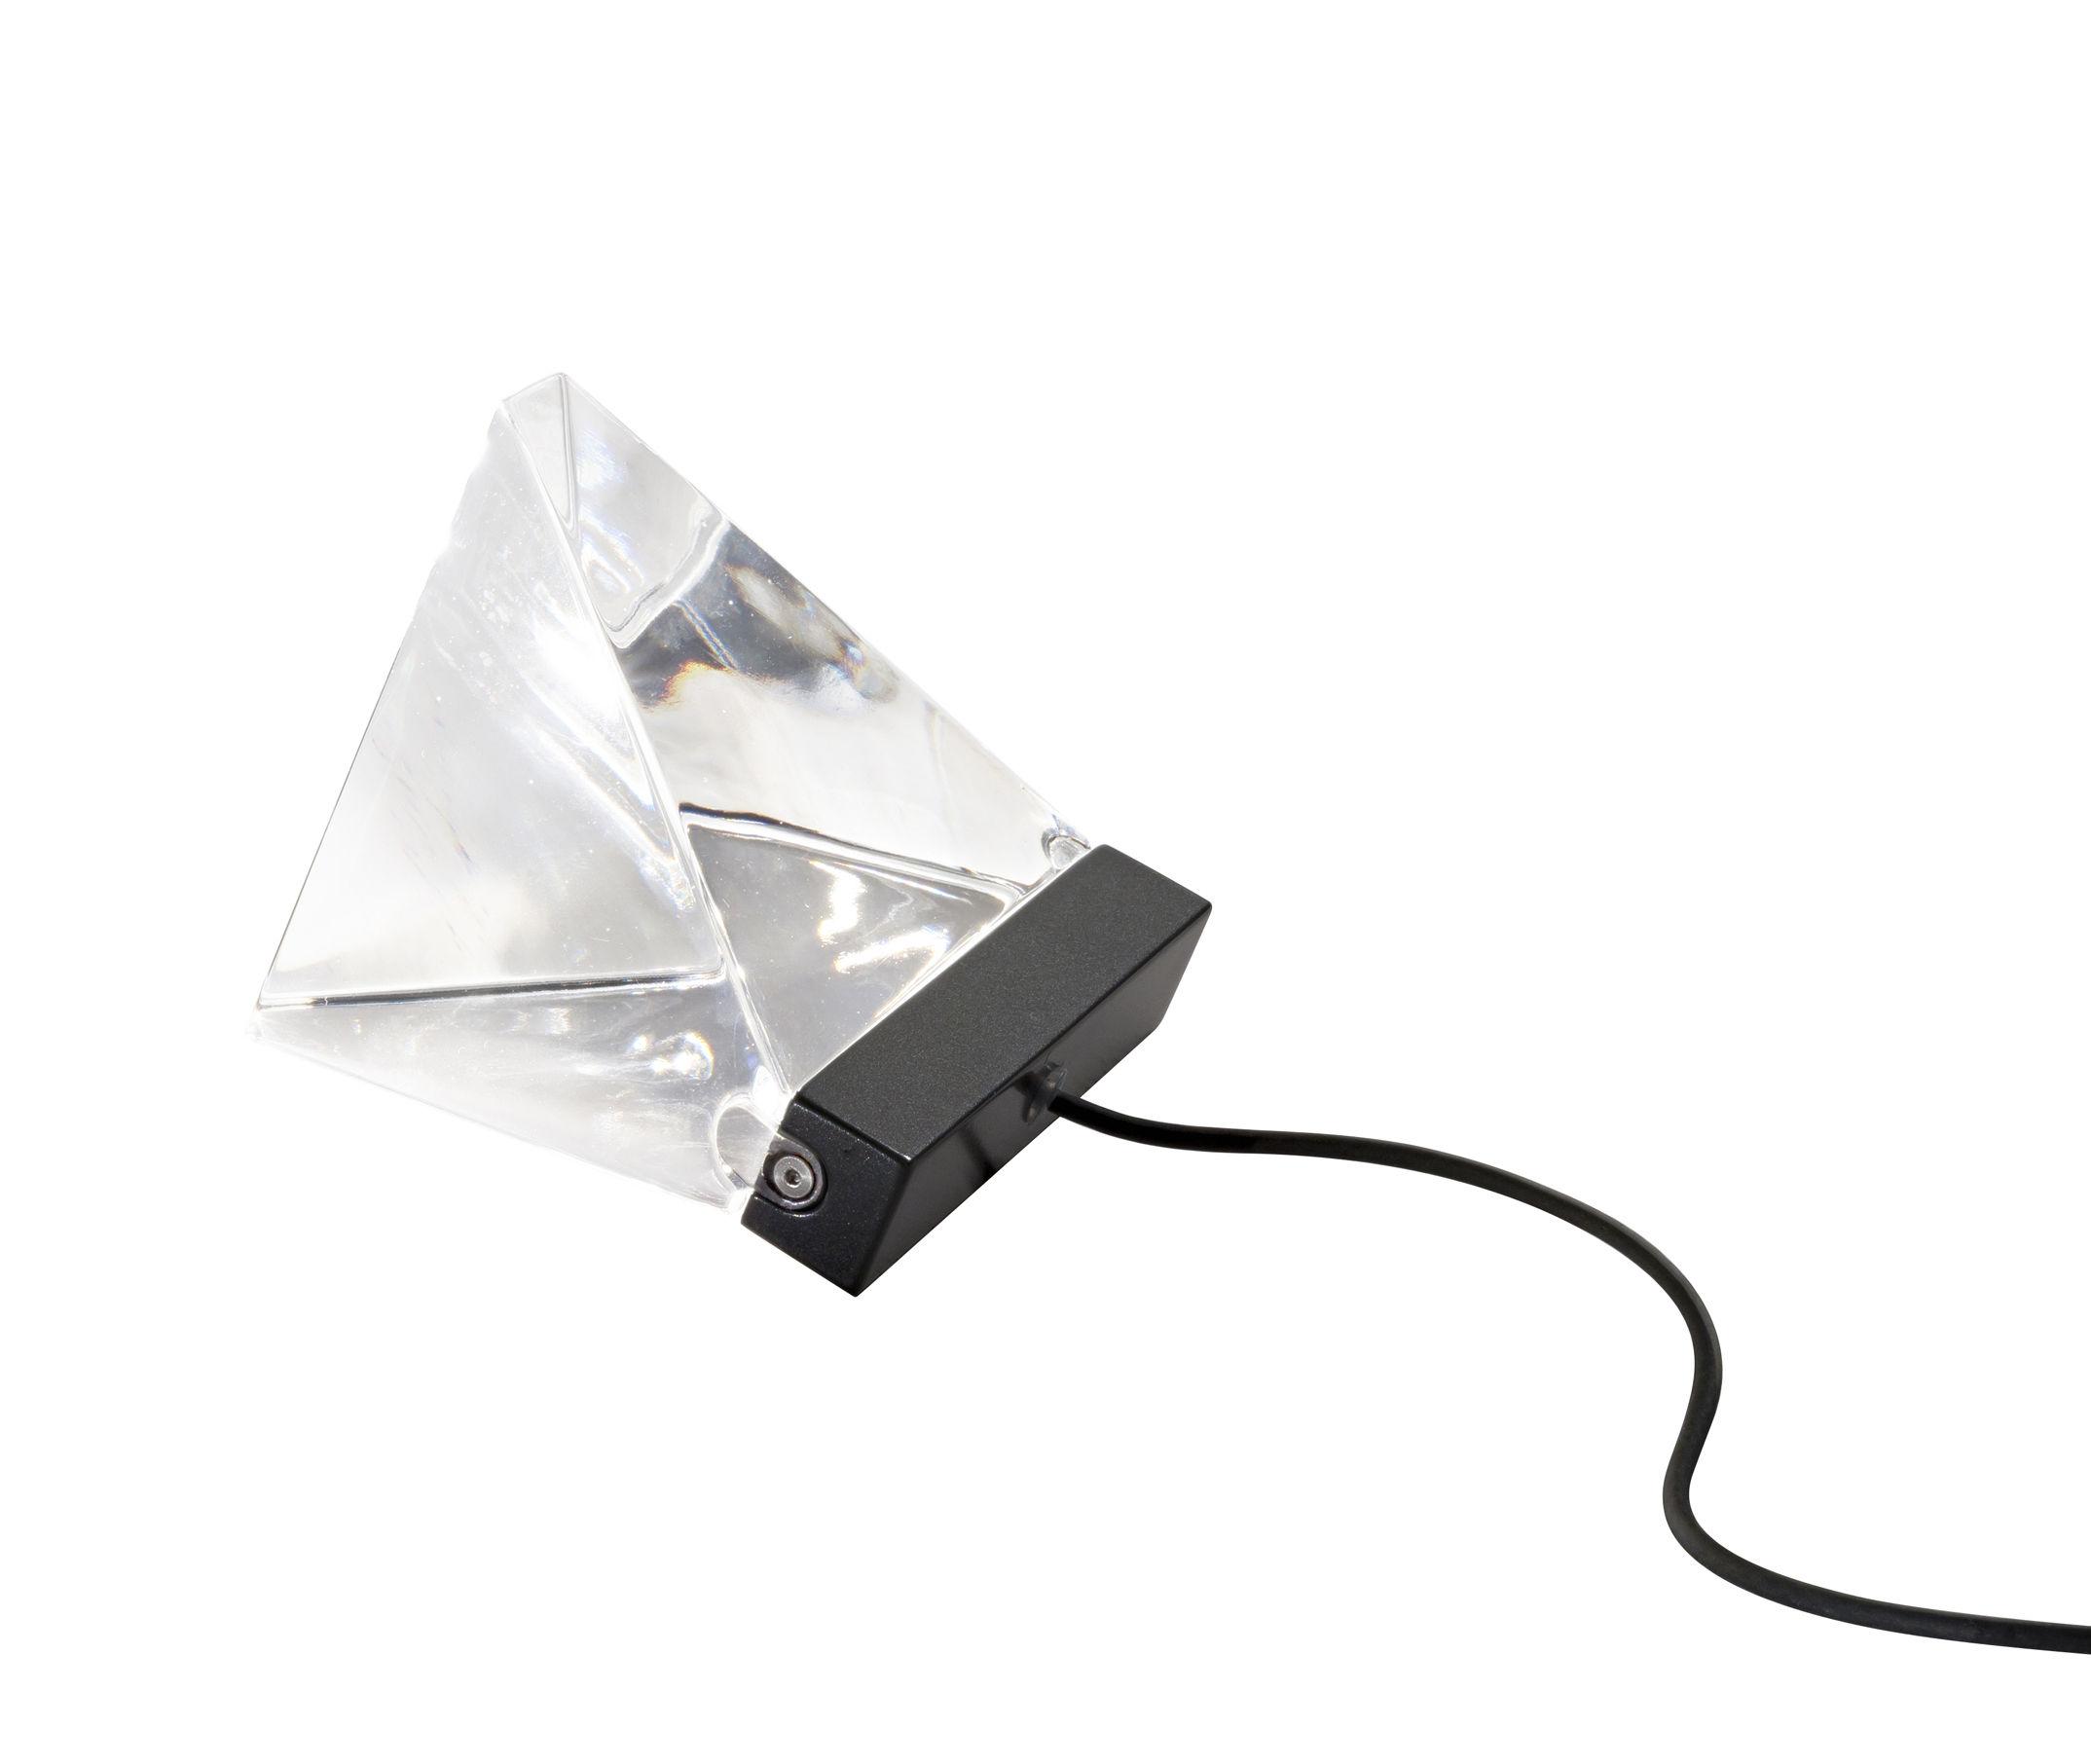 Luminaire - Lampes de table - Lampe de table Tripla LED / Cristal - Fabbian - Anthracite / Transparent - Aluminium peint, Cristal